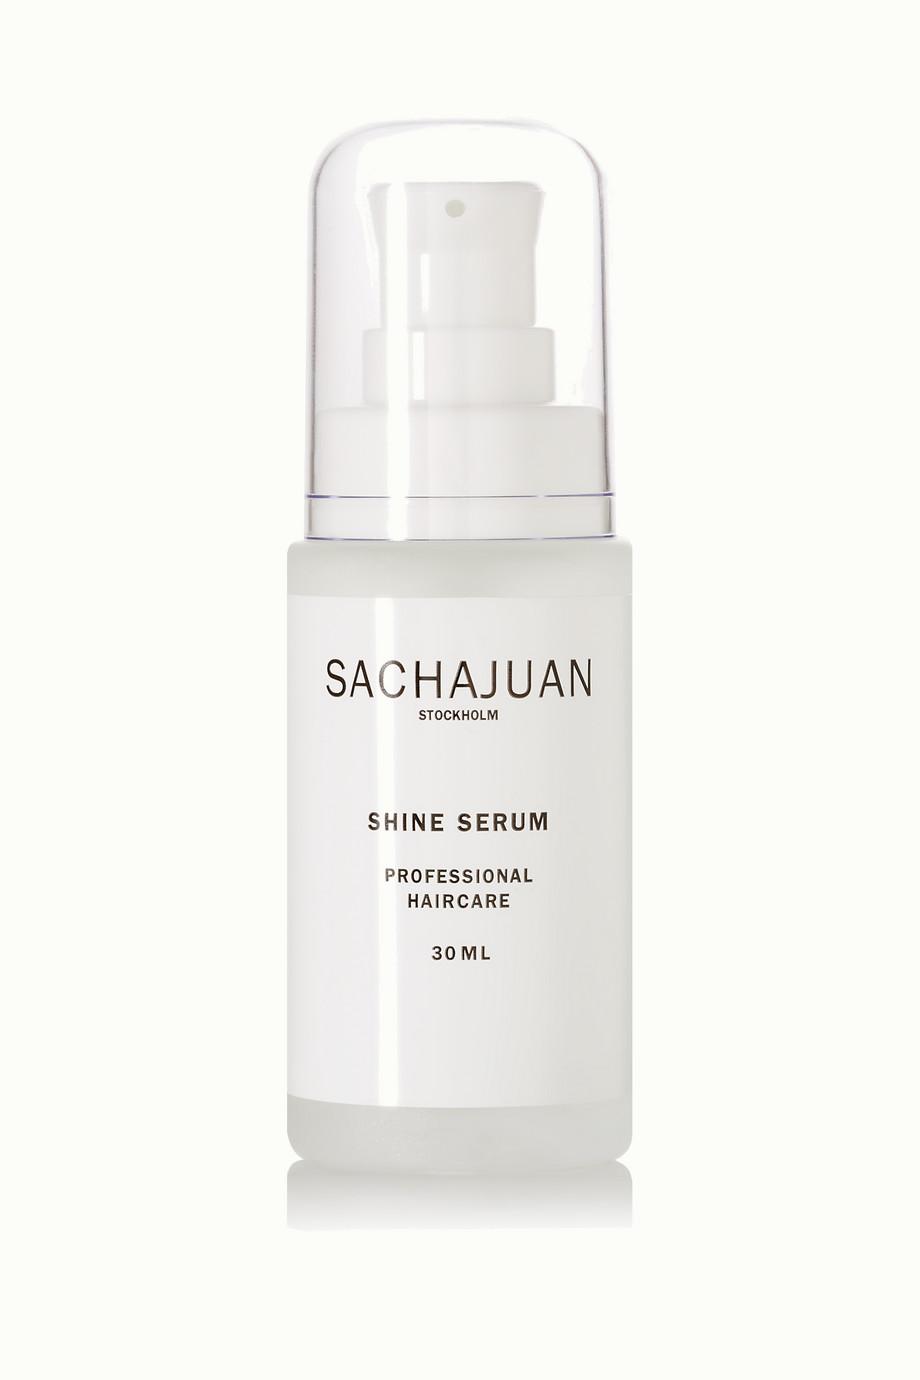 SACHAJUAN Shine Serum, 30 ml – Serum